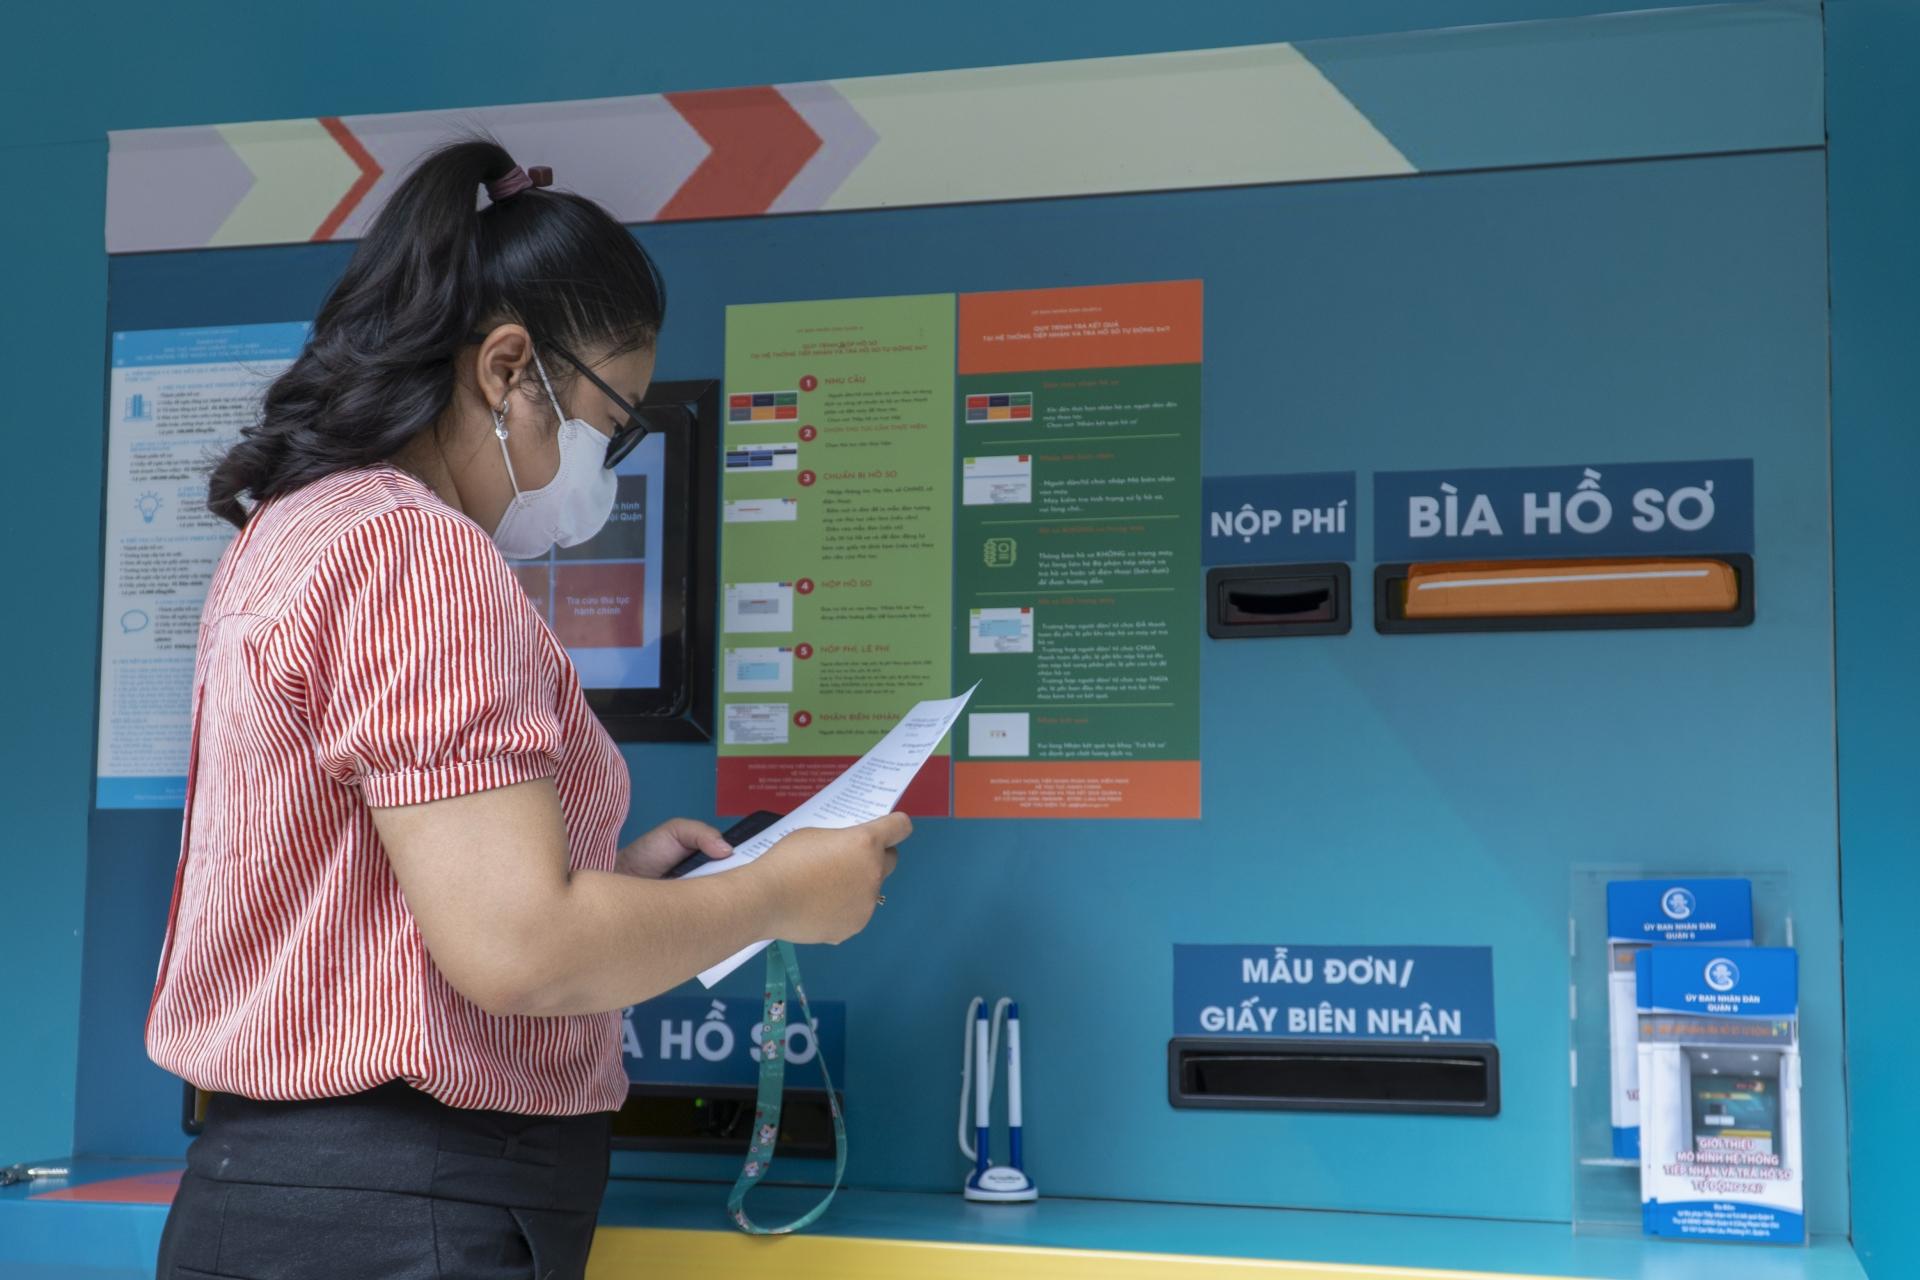 'ATM' nhận trả hồ sơ tự động 24/7 tại TP.HCM